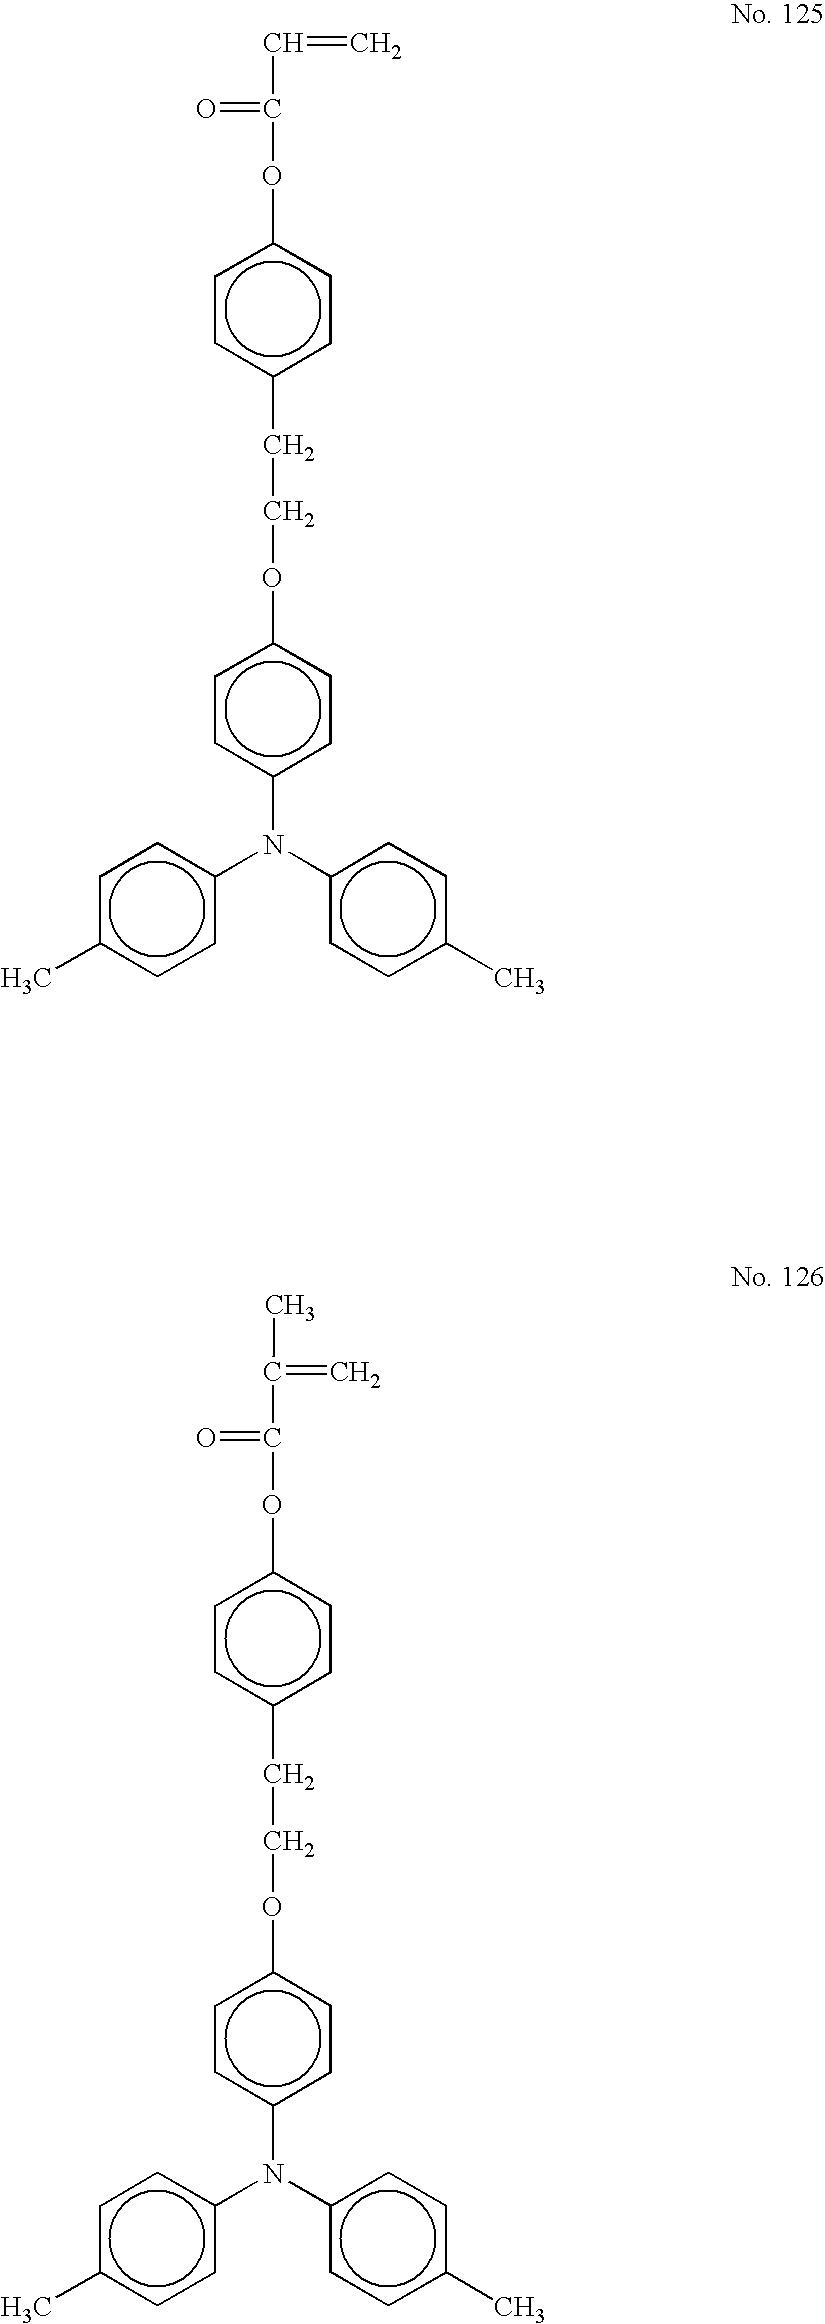 Figure US20040253527A1-20041216-C00056